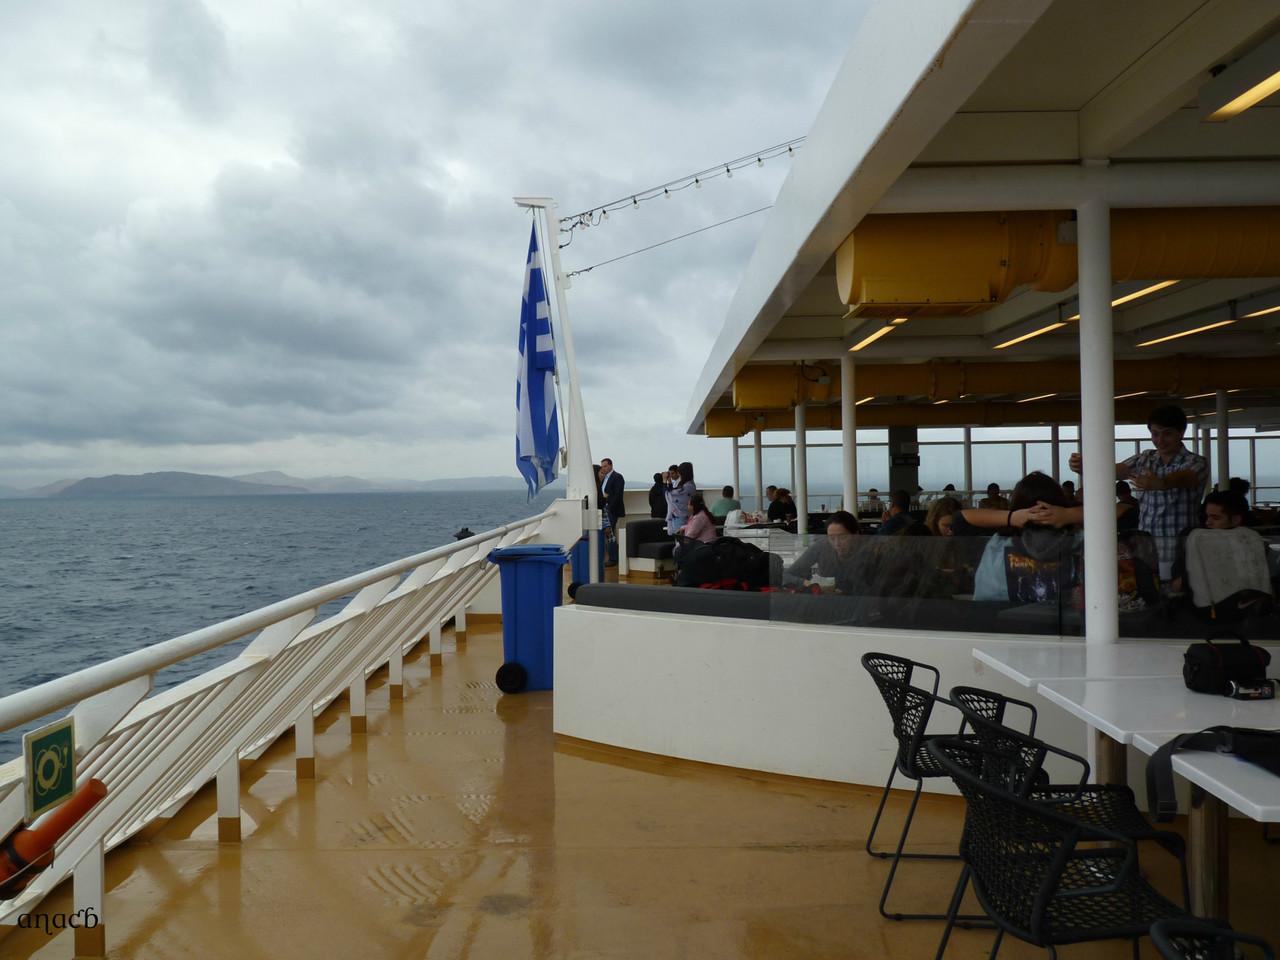 Blue Star Delos (ferry) - a caminho de Santorini (